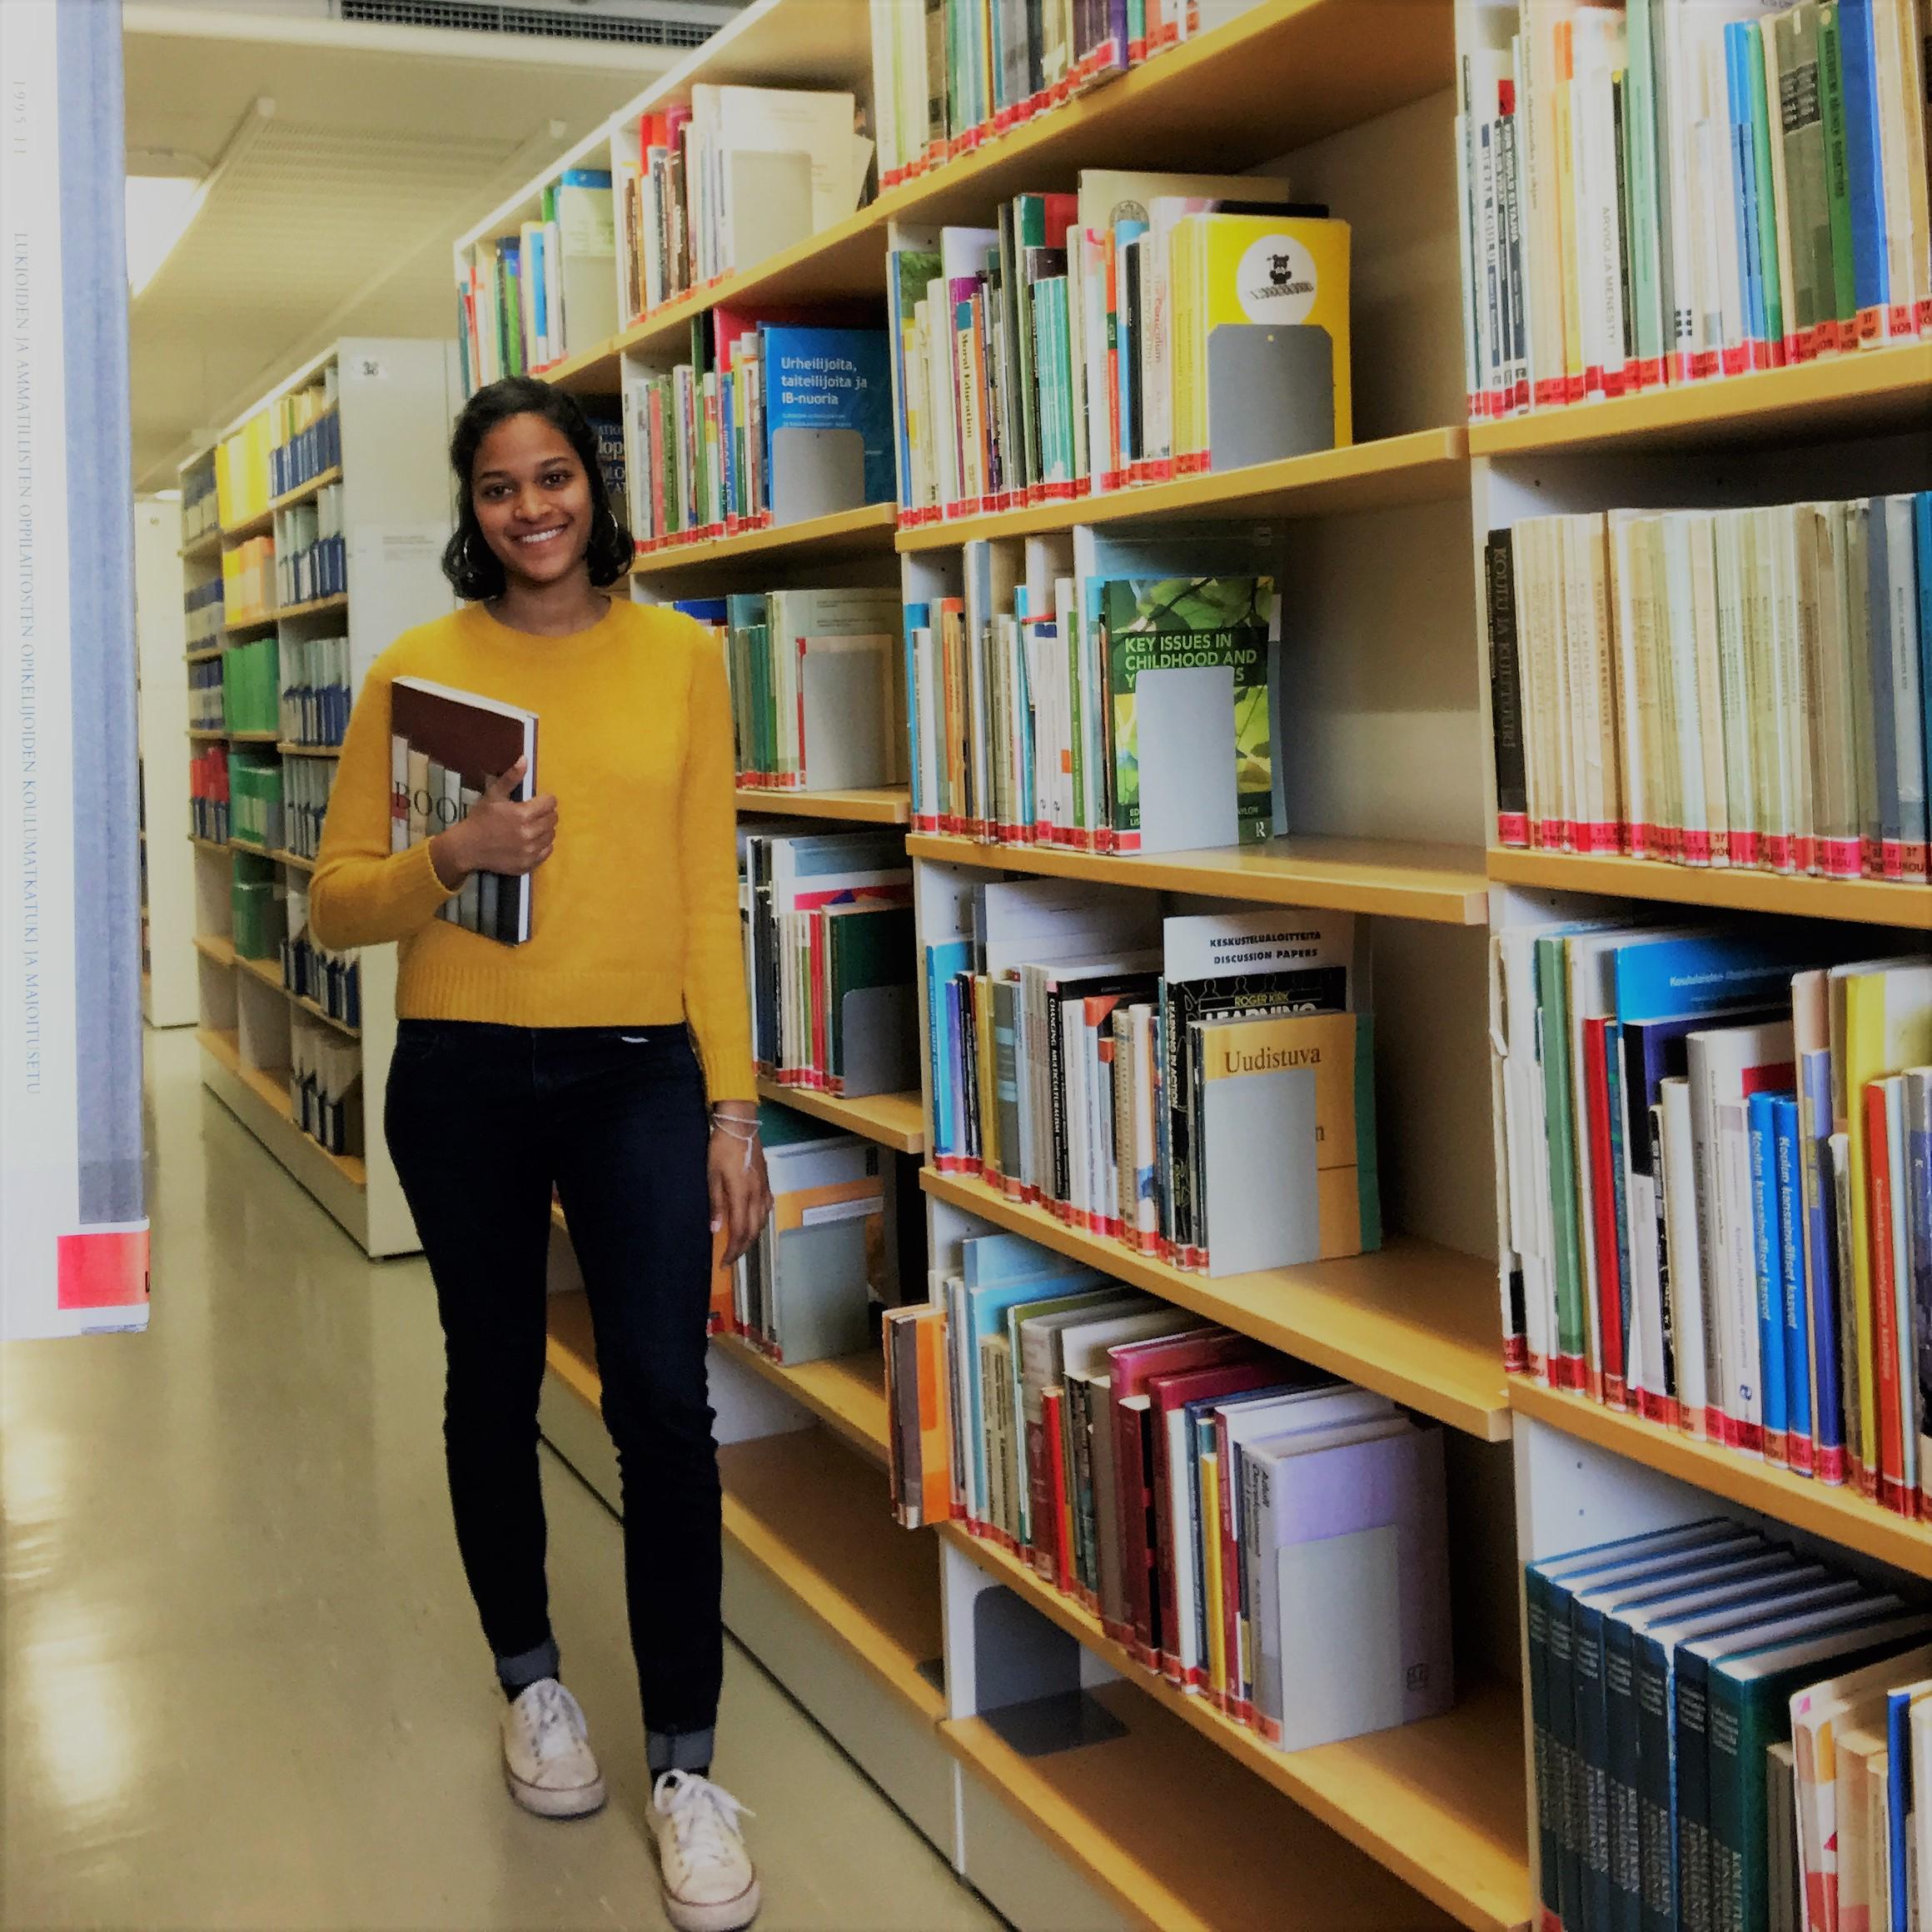 Nainen, kirjahylly, kirjoja. Woman, bookshelf, books.